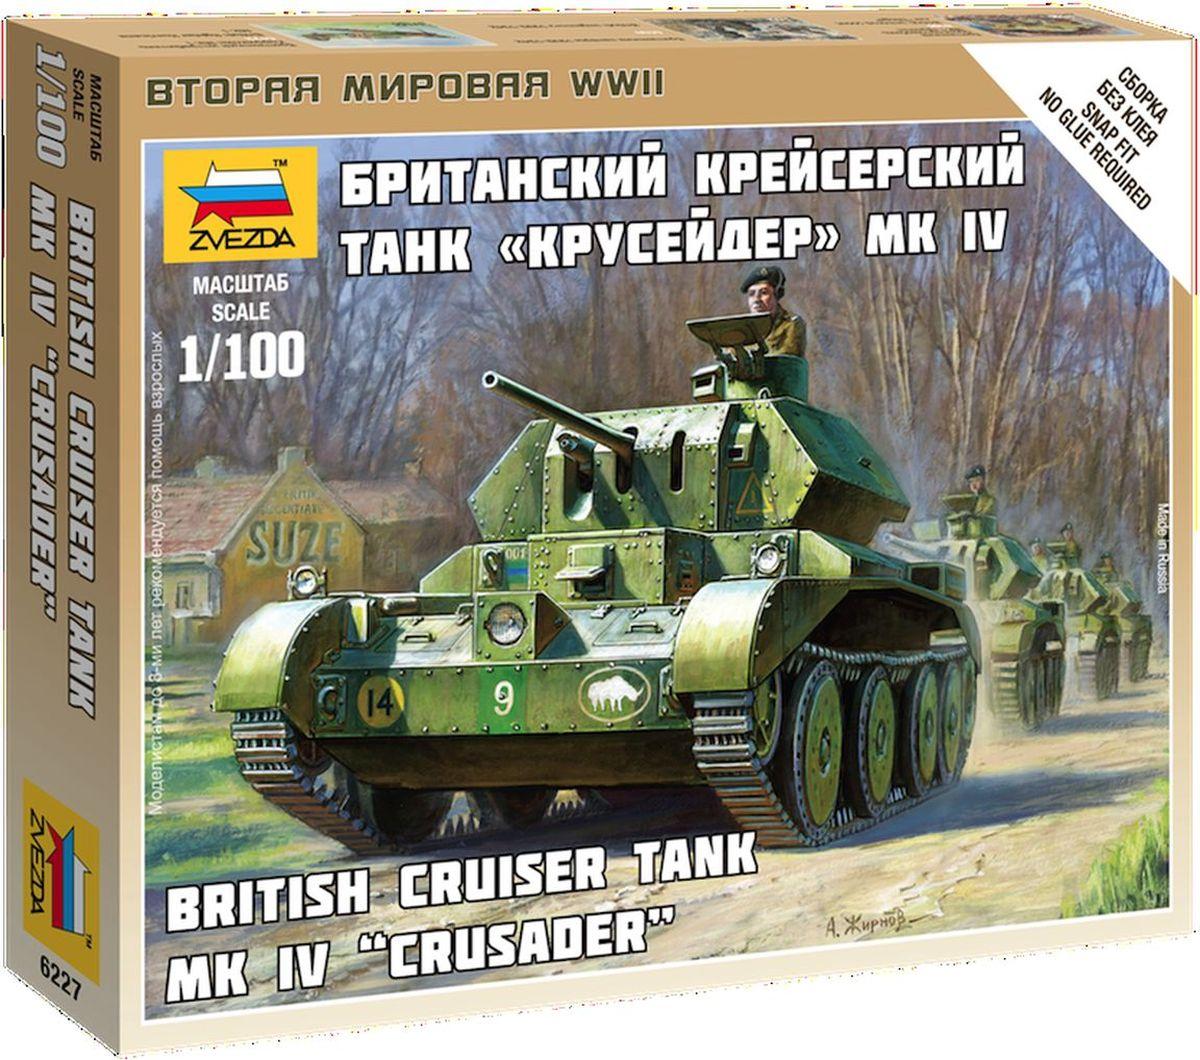 Звезда Сборная модель Британский крейсерский танк Крусейдер MK IV